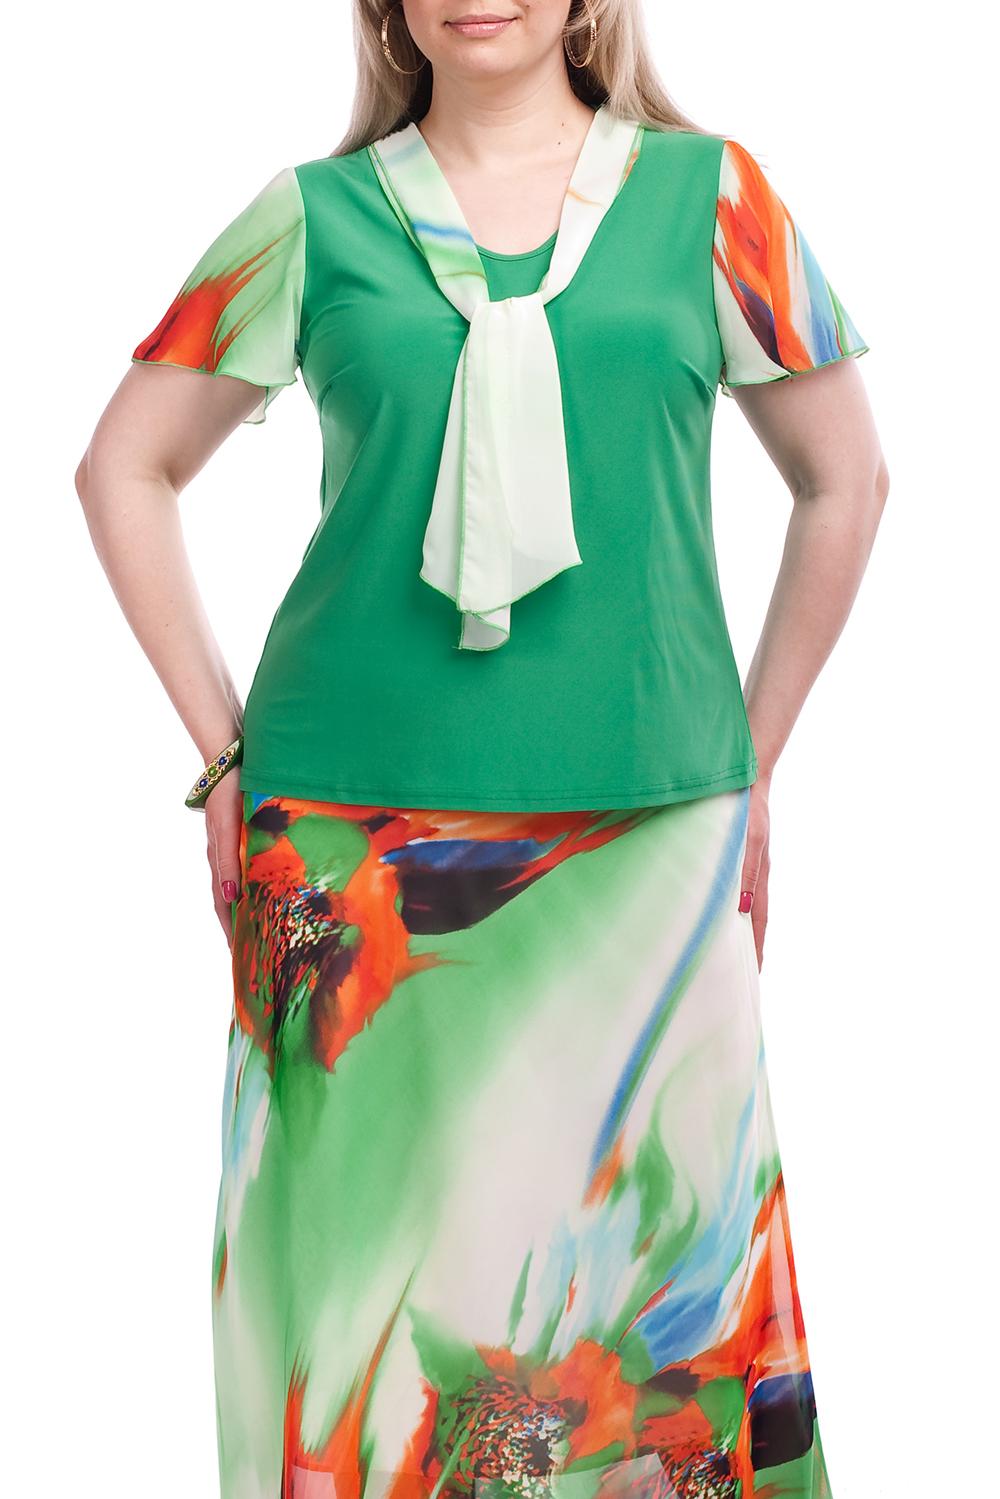 БлузкаБлузки<br>Цветная блузка с короткими рукавами и декоративным шарфиком. Модель выполнена из приятного материала. Отличный выбор для любого случая. Отлично смотрится с юбкой U(39)-SPL (для просмотра модели введите артикул в строку поиска)  Цвет: зеленый, оранжевый, белый  Рост девушки-фотомодели 173 см.<br><br>Горловина: С- горловина<br>По материалу: Вискоза,Трикотаж<br>По образу: Город,Свидание<br>По рисунку: С принтом,Цветные<br>По сезону: Весна,Зима,Лето,Осень,Всесезон<br>По силуэту: Полуприталенные<br>По стилю: Повседневный стиль<br>По элементам: С декором<br>Рукав: Короткий рукав<br>Размер : 54,56,58,60,62,64,66,68,70<br>Материал: Вискоза<br>Количество в наличии: 15